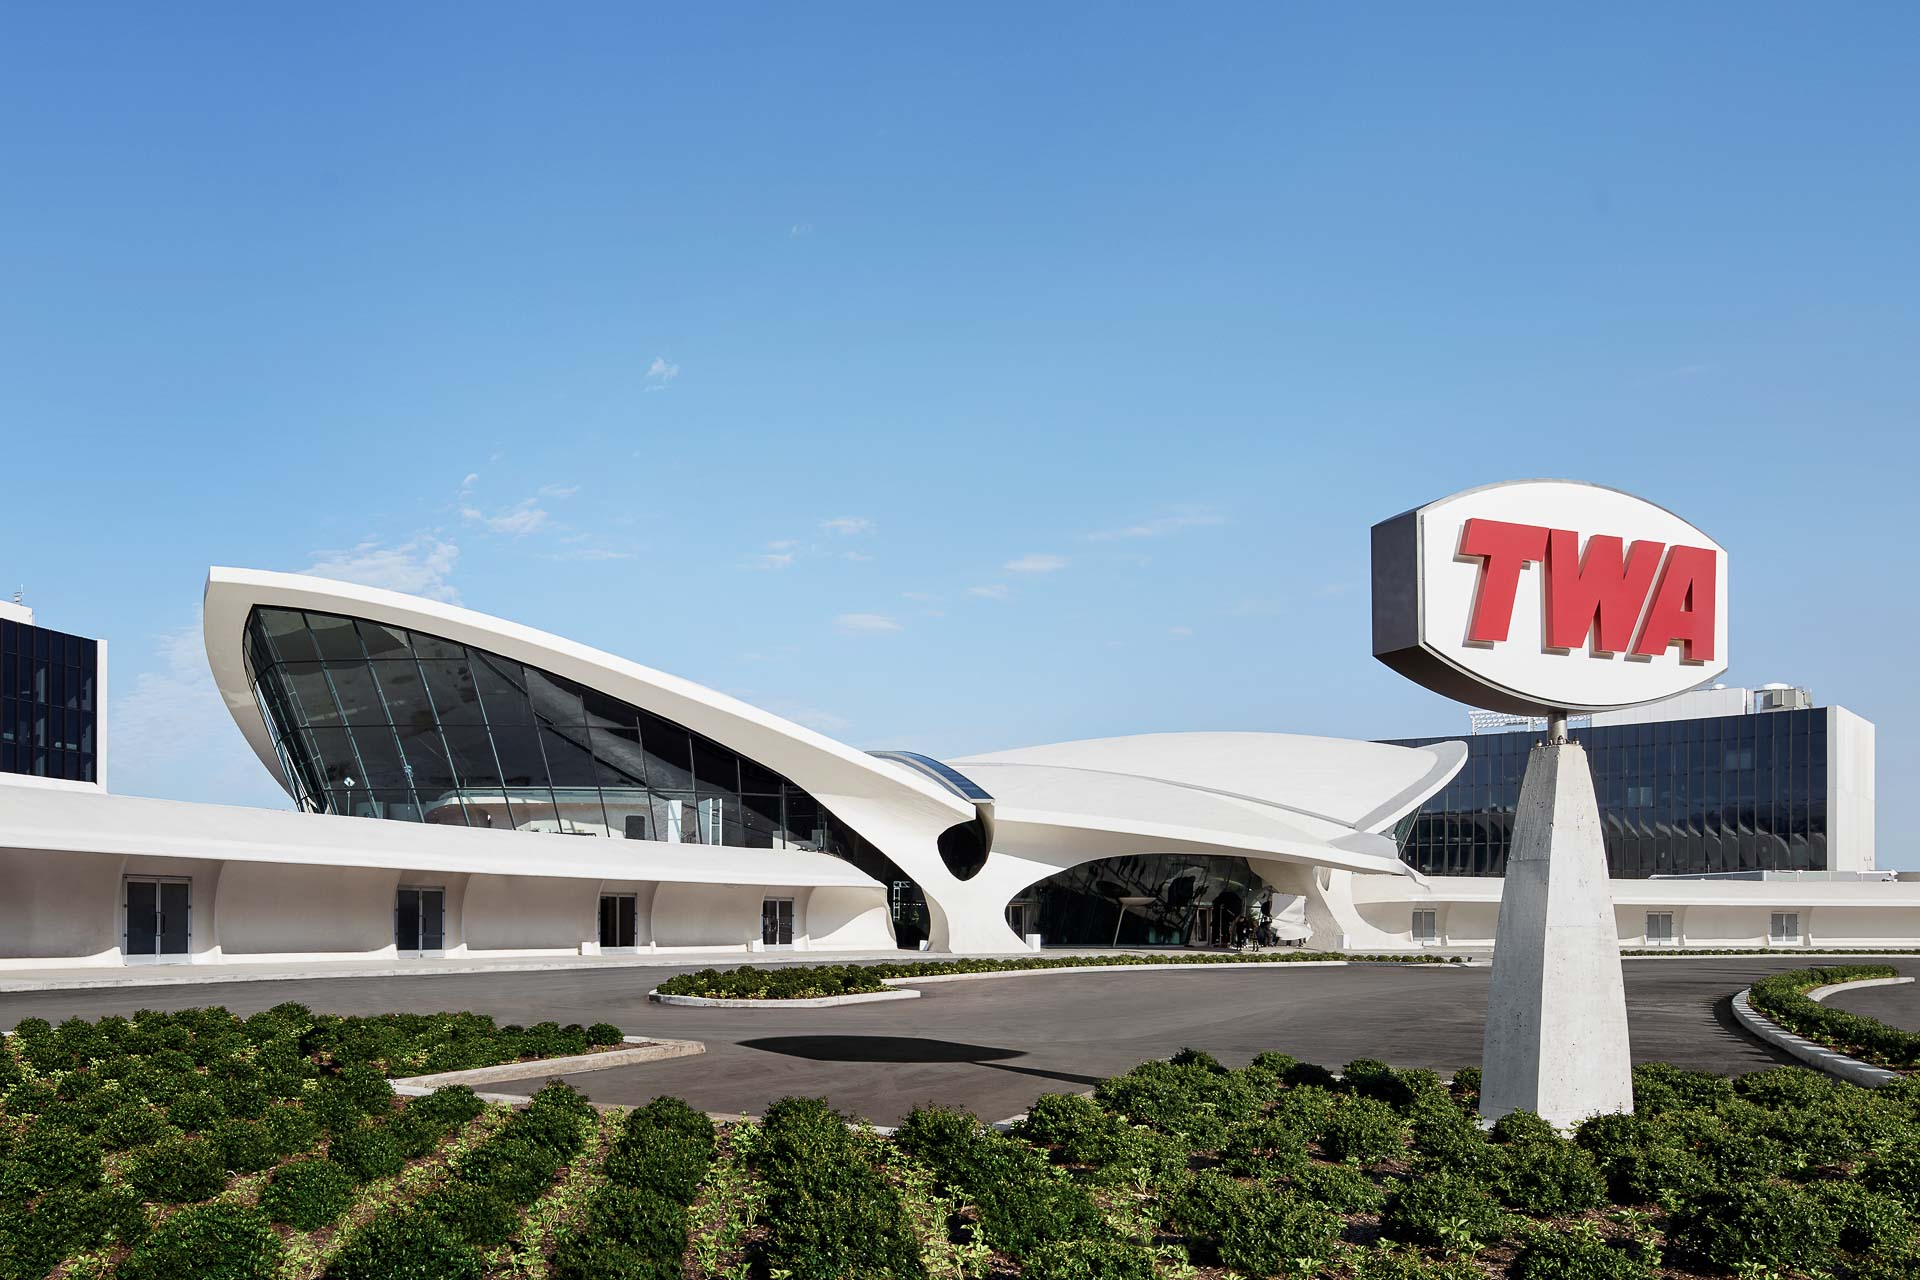 Un hôtel hors norme investit l'ancien terminal de la compagnie TWA, conçu par l'architecte Eero Saarinen au début des années 1960  à l'aéroport John F. Kennedy (JFK) de New York. Espaces démesurés, design vintage et vues sur le tarmac, en font l'un des plus incroyables hôtels d'aéroport du monde.